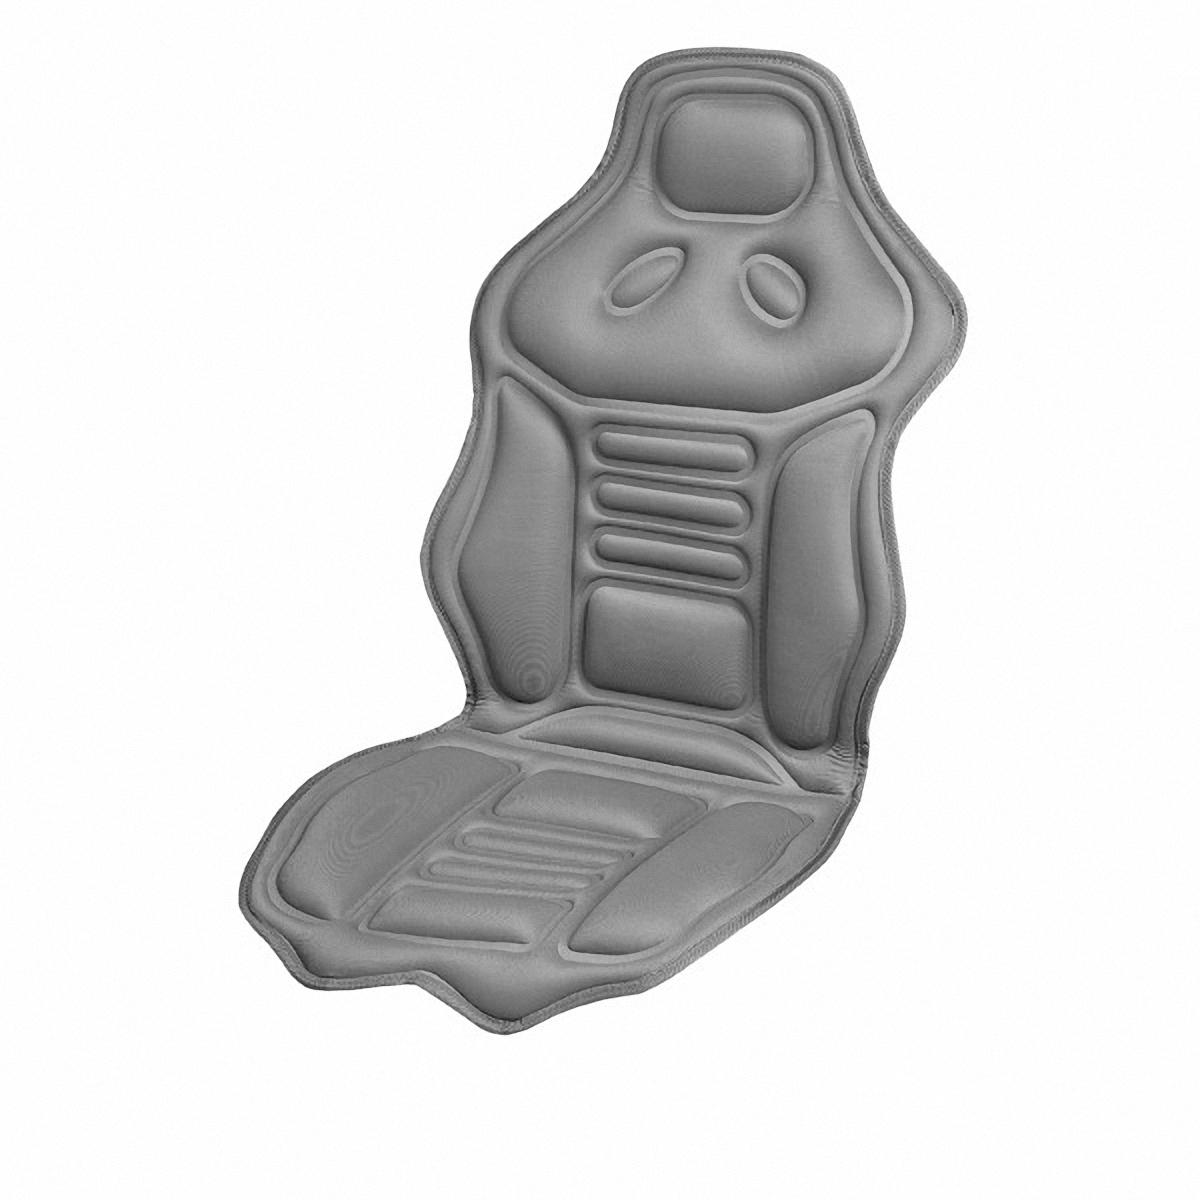 Чехол автомобильный Skyway, с подогревом, 120 х 51 смS02201003Чехол на сиденье Skyway предназначен для обогрева водителя или пассажира в автомобиле. Особенности: Универсальный размер. Снижает усталость при управлении автомобилем. Обеспечивает комфортное вождение в холодное время года. Простая и быстрая установка. Умеренный и интенсивный режим нагрева. Терморегулятор для изменения интенсивности нагрева. Защита крепления шнура питания к подогреву. Питание от гнезда прикуривателя 12В. Размер: 120 х 51 см.